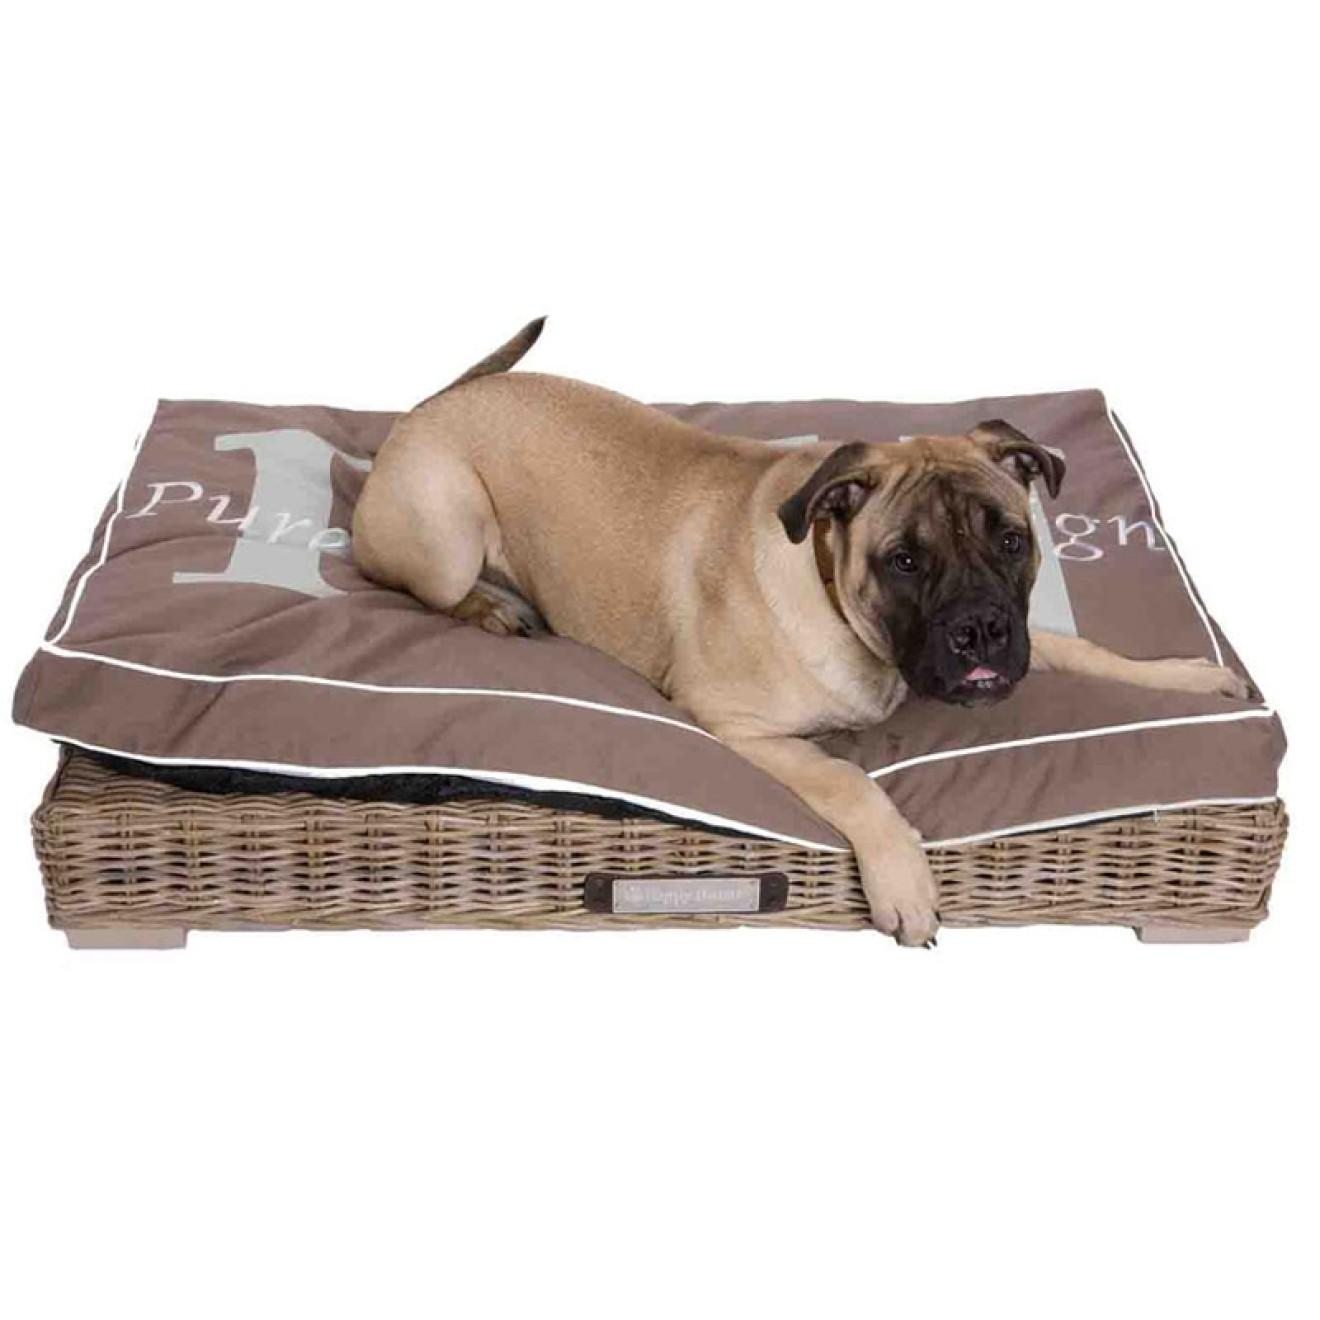 rattan loungebett f r hunde in 3 gr ssen rattan hundeliege. Black Bedroom Furniture Sets. Home Design Ideas